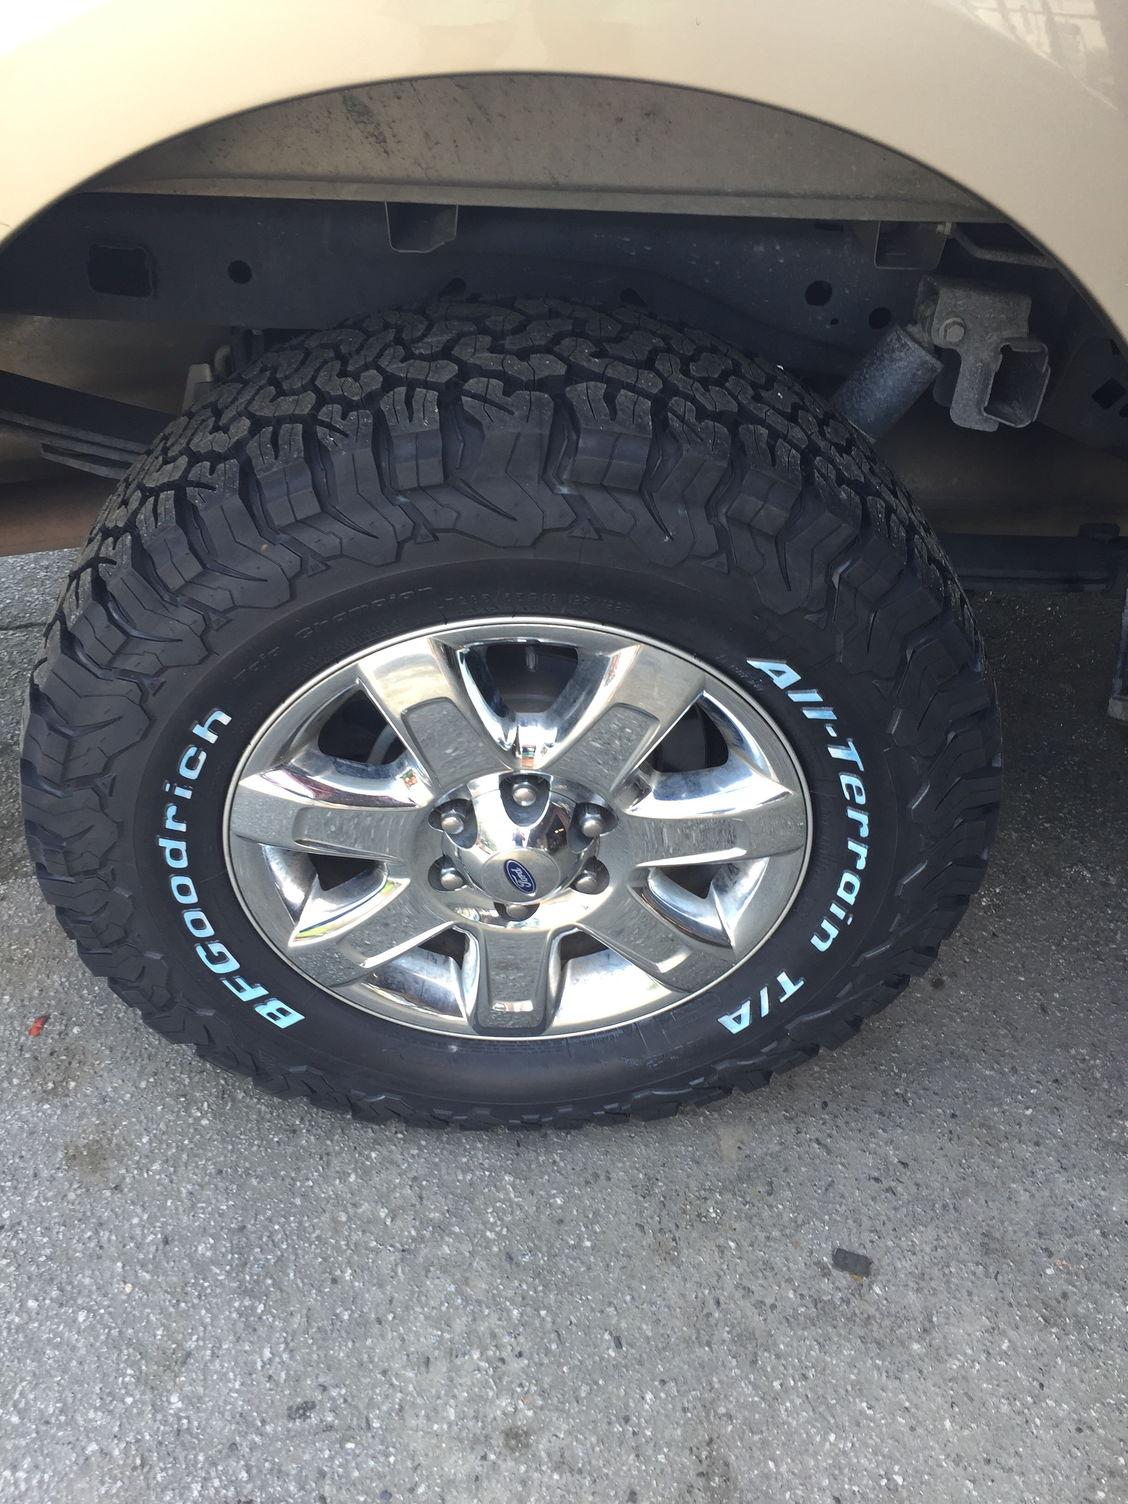 New Tires Bfg Ko2 285 65 18 Ford F150 Forum Community